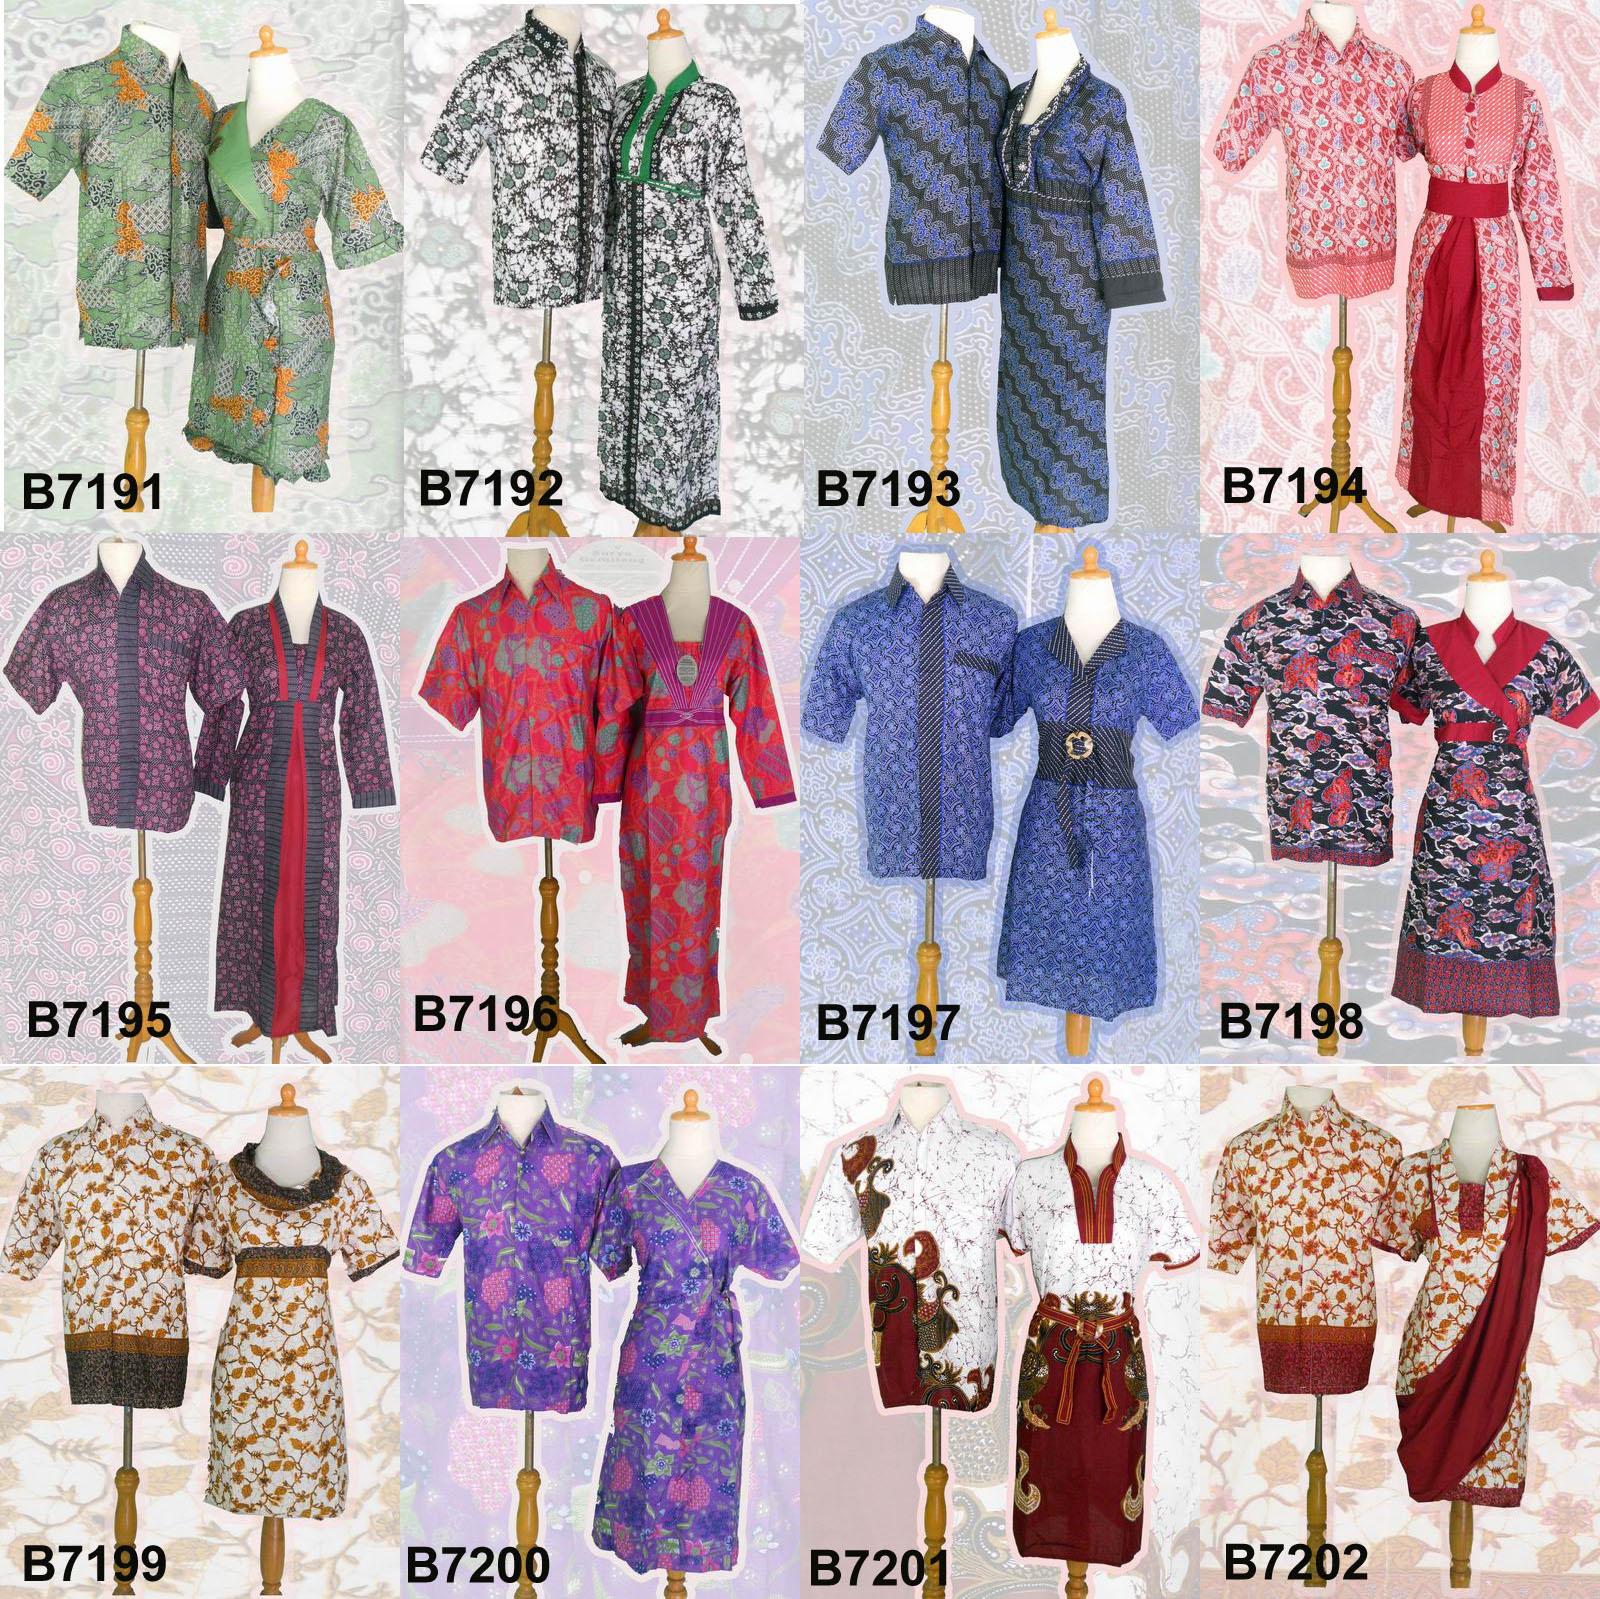 sarimbit batik 20 september 2013-2 sarimbit batik 20 september 2013. Kami  adalah toko online grosir batik online b120d1ee8b